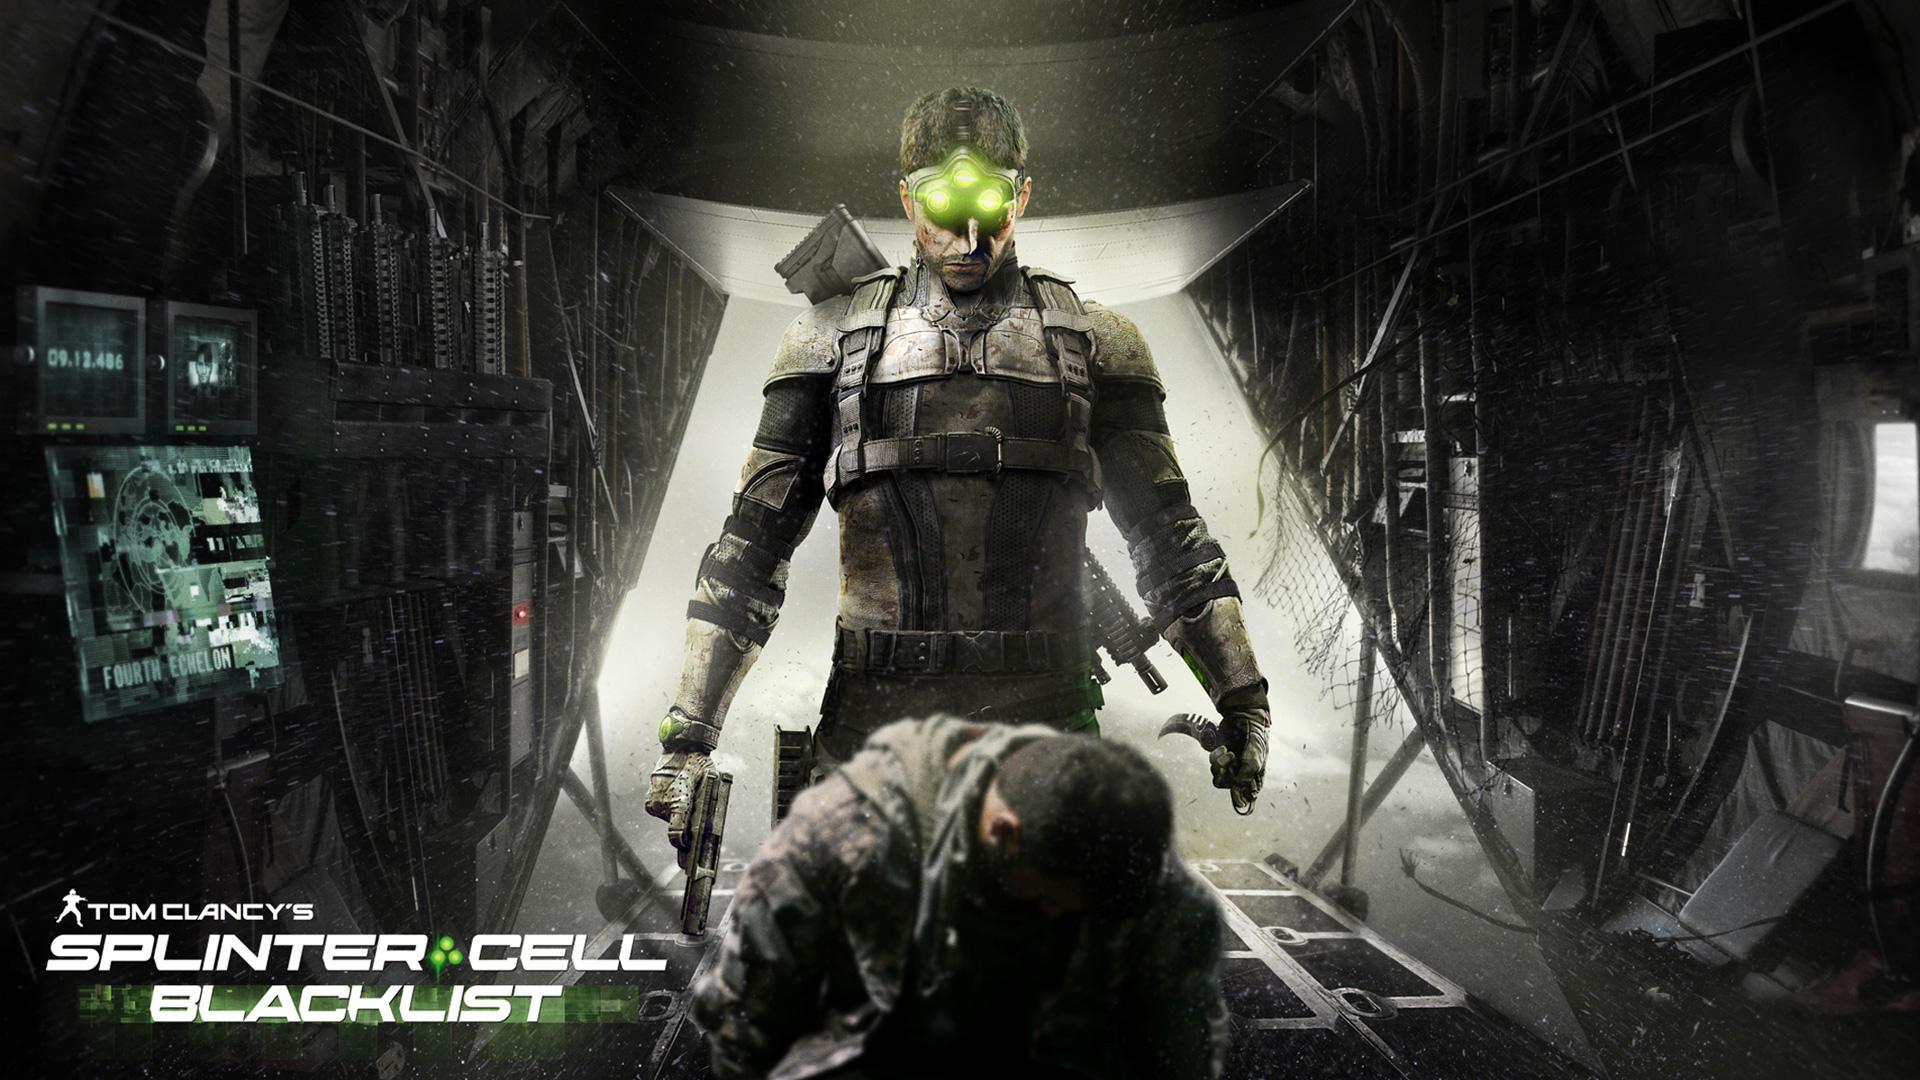 Splinter Cell Blacklist wallpaper 3